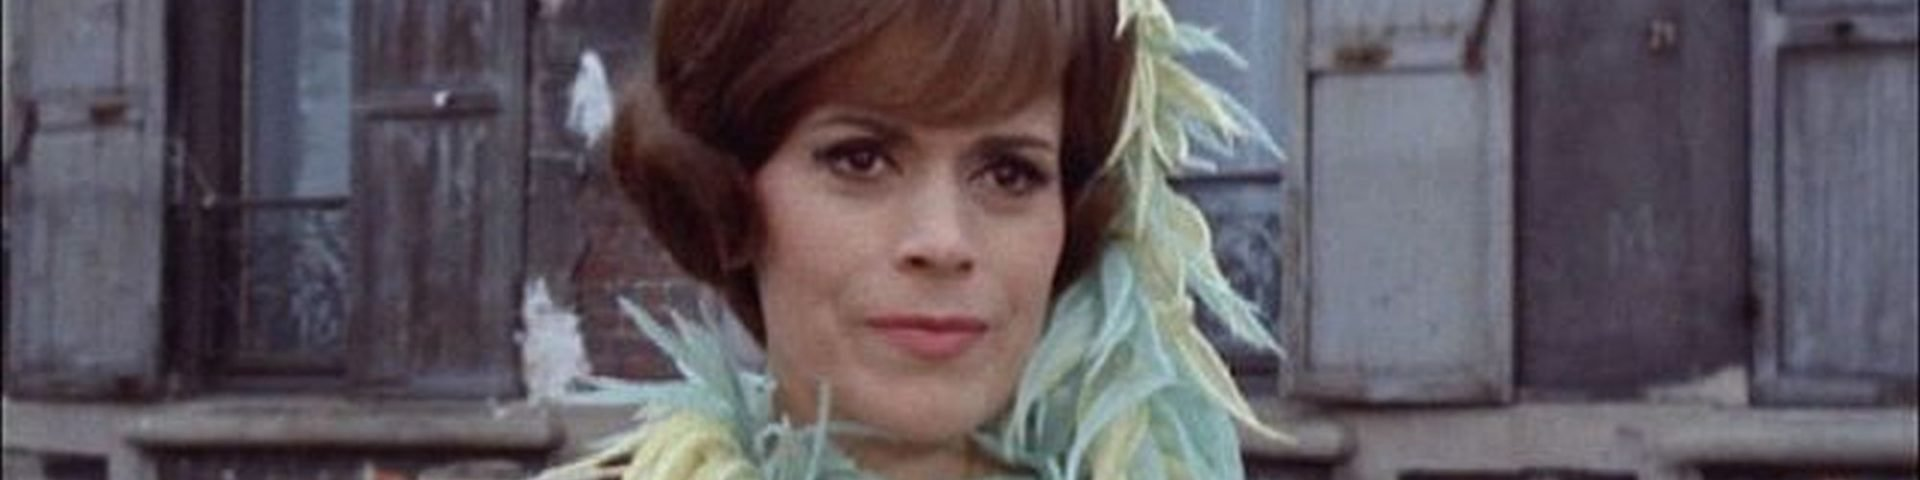 Frasi di Franca Valeri: citazioni dell'attrice